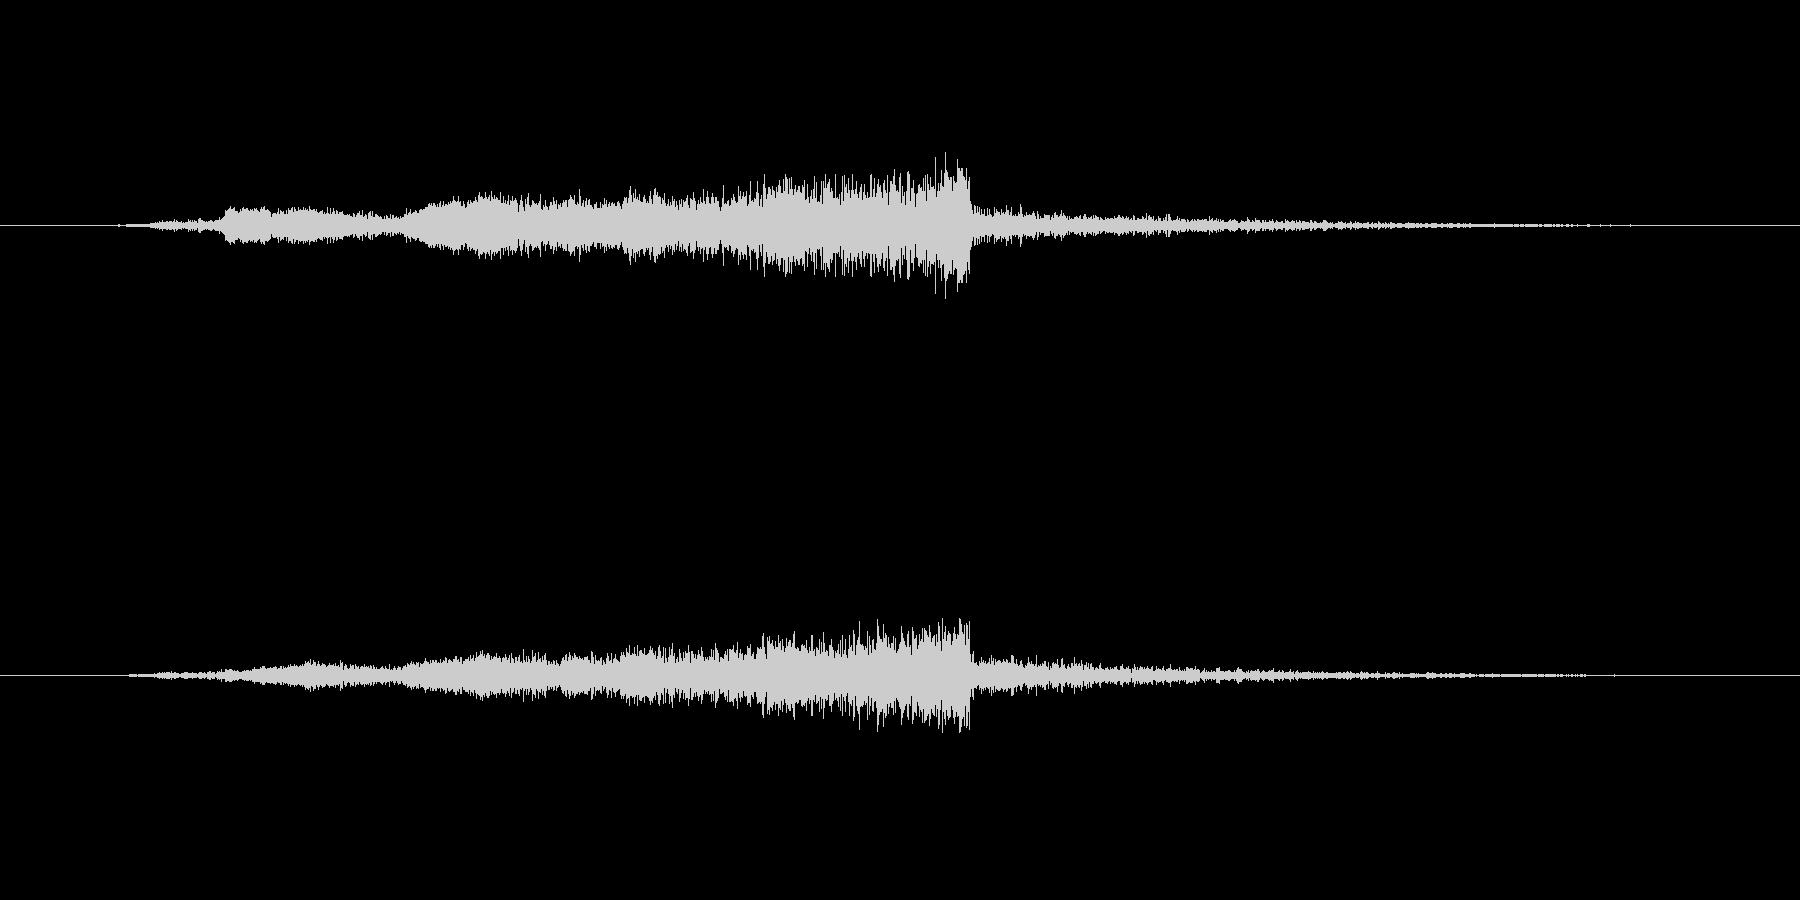 「フューン」と迫るスペーシーな効果音の未再生の波形